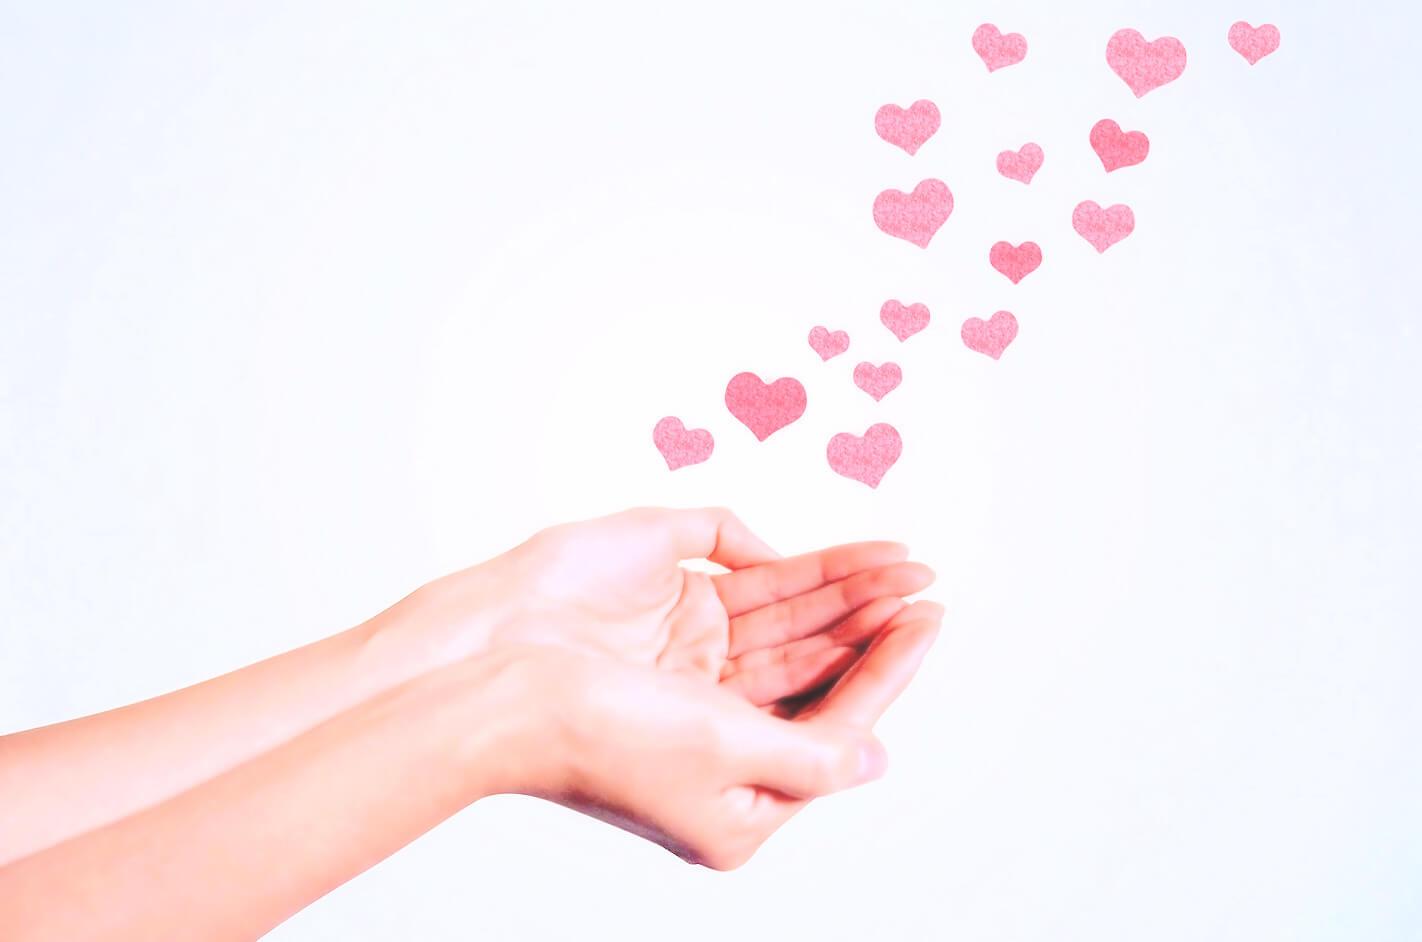 手から癒しのエネルギーを送るイメージ